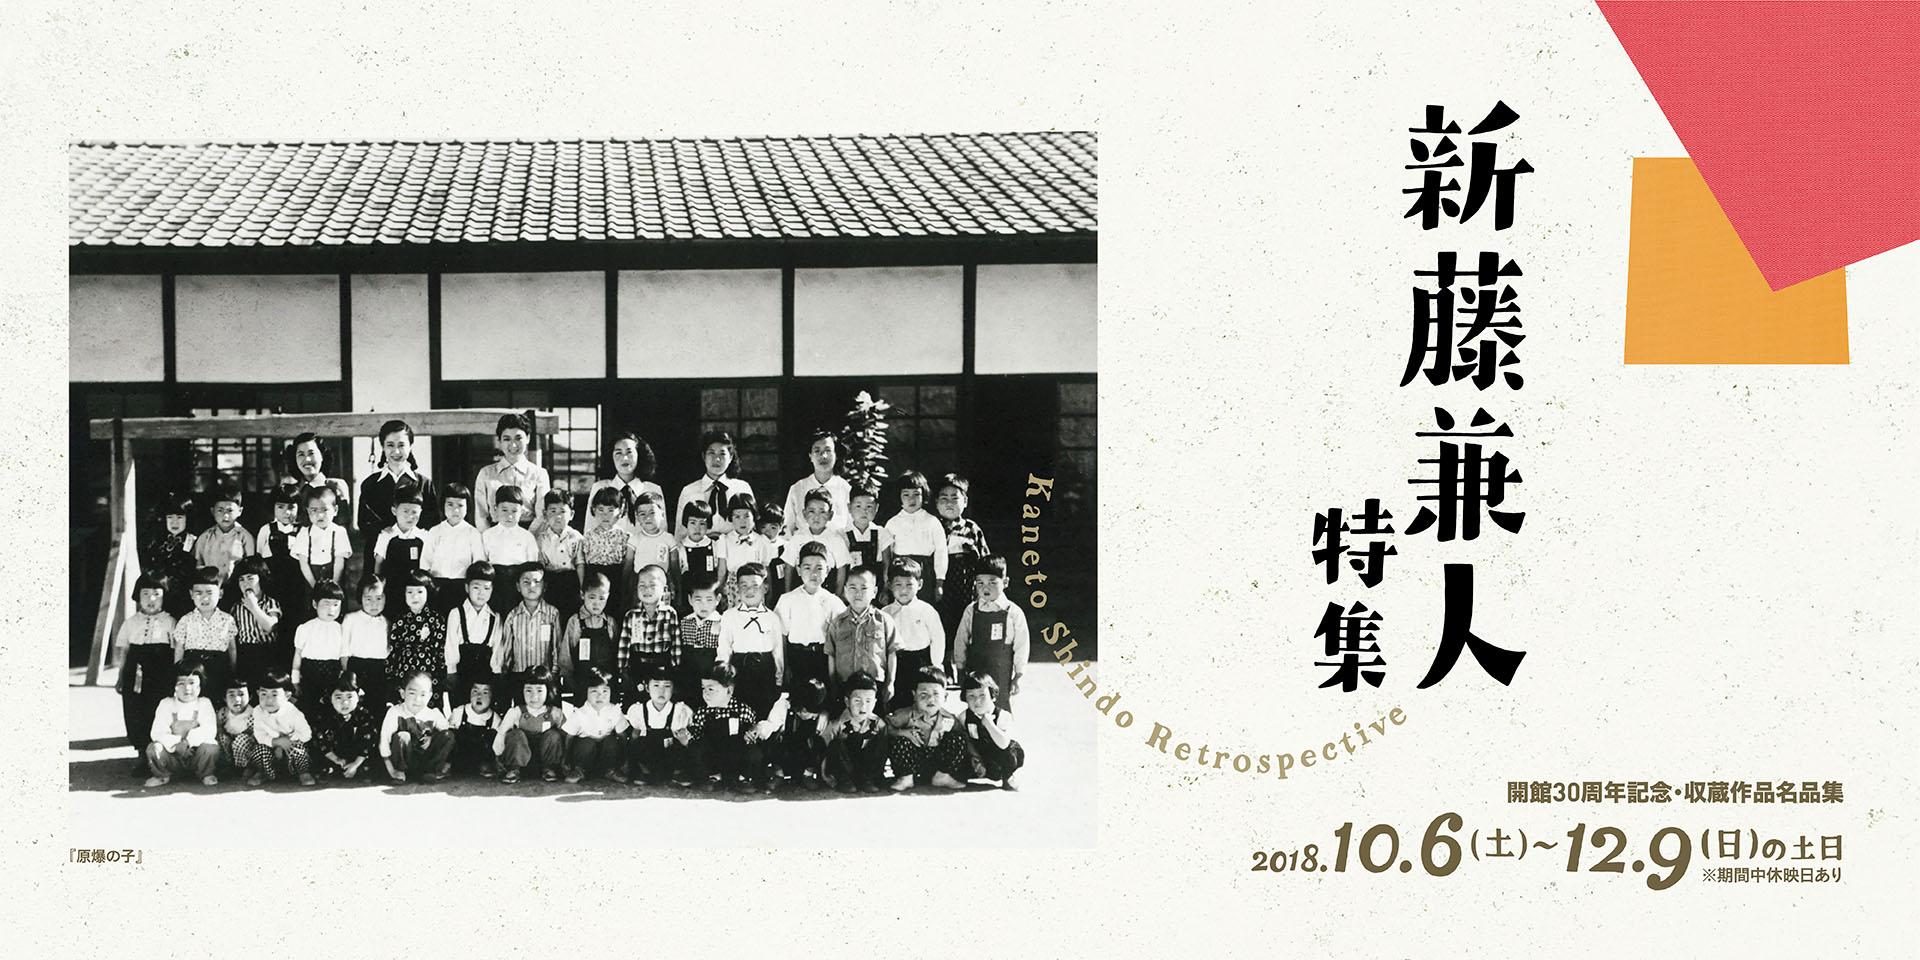 新藤兼人特集 ~開館30周年記念・所蔵作品名品集~